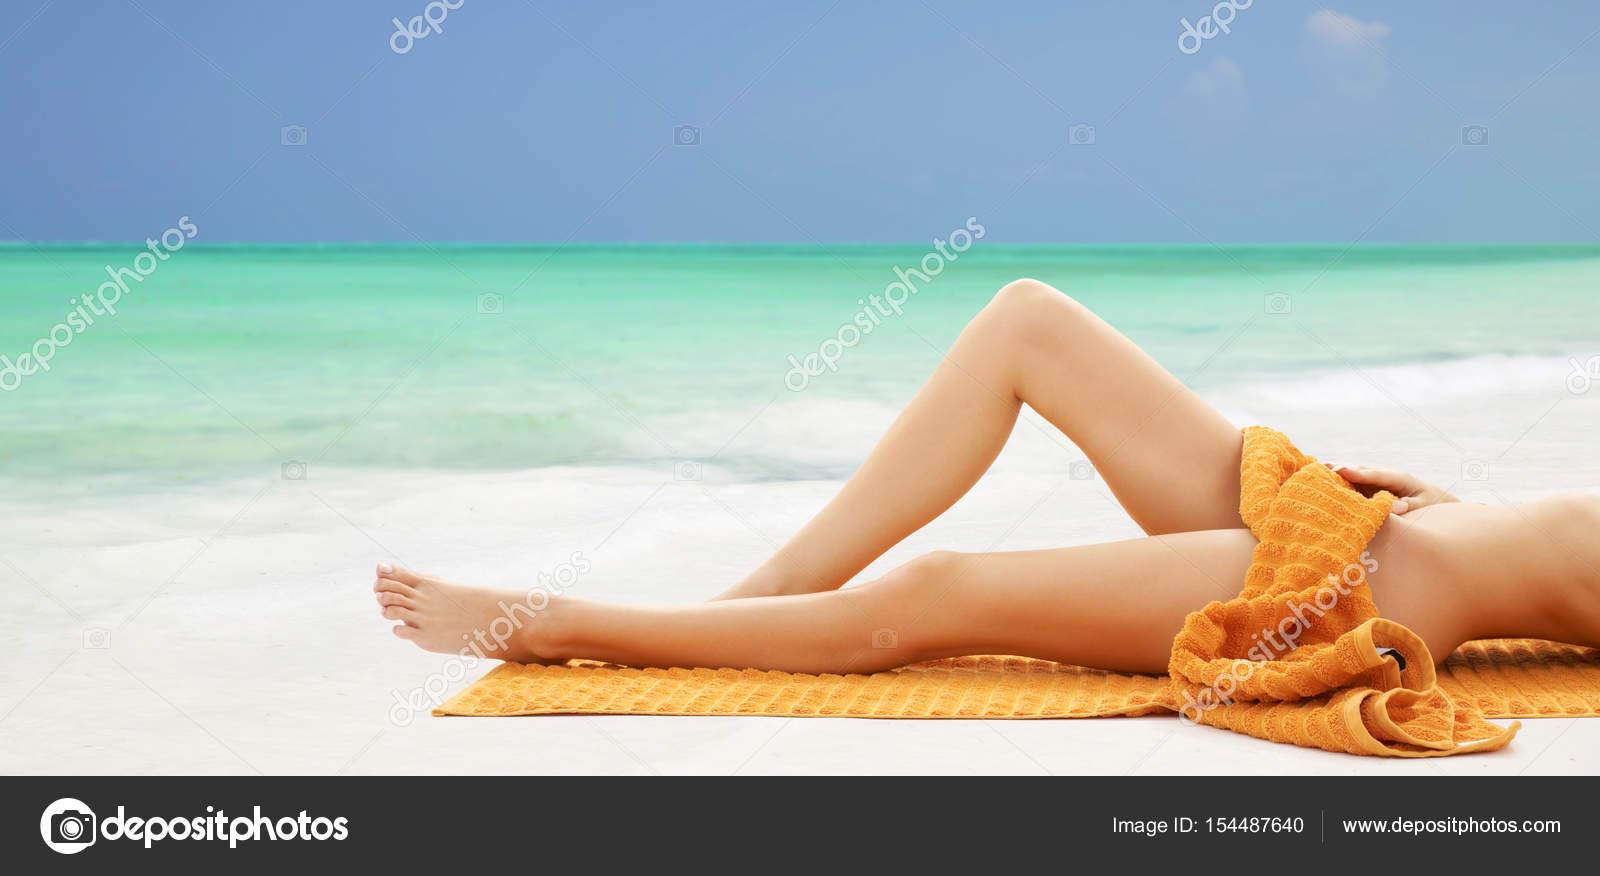 c8446fce259e Piernas de mujer desnuda acostada en toalla en la playa — Foto de ...